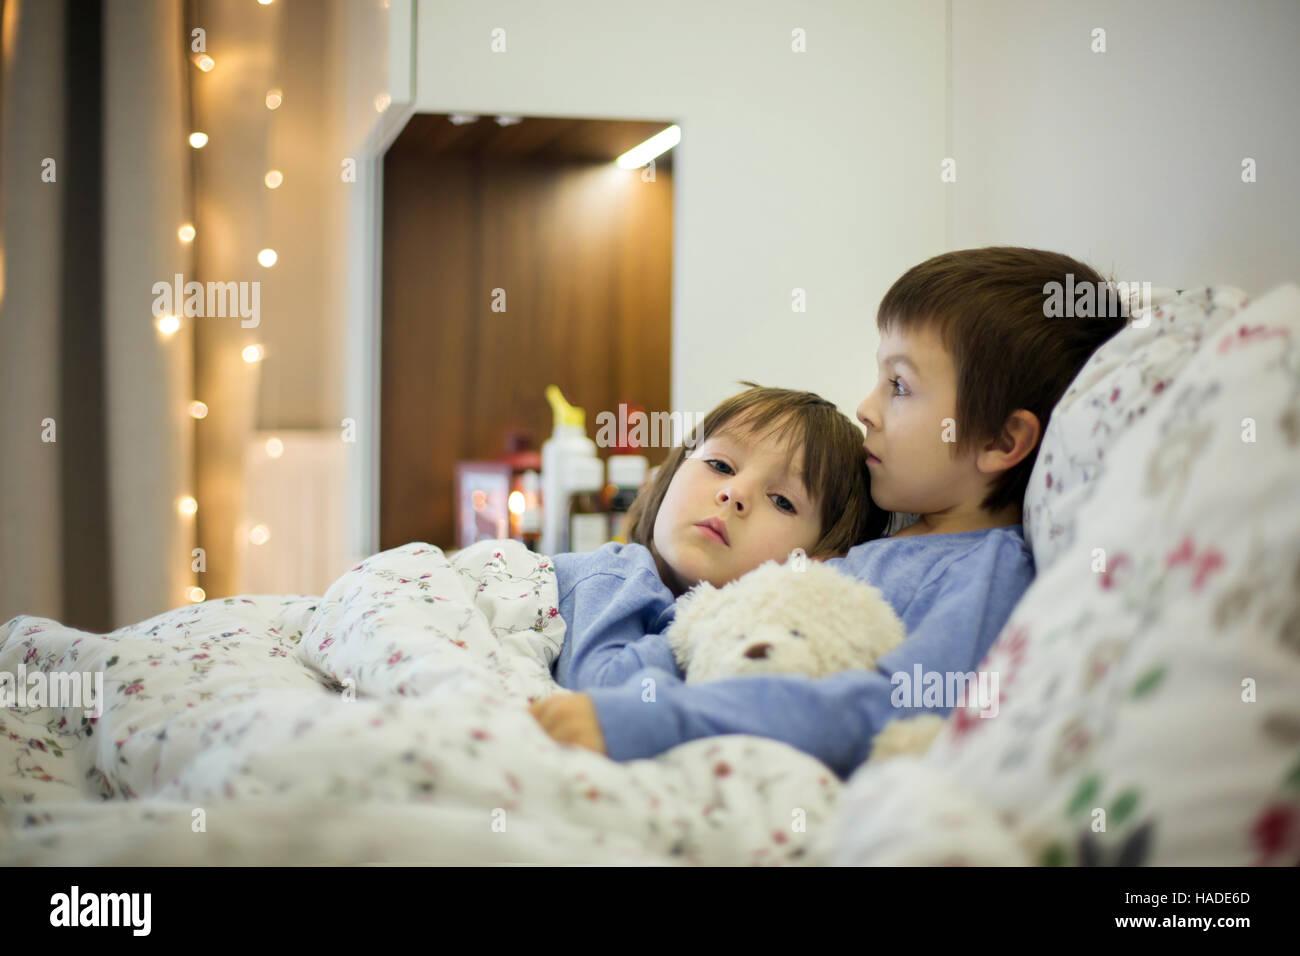 Dos lindos hijos, niños enfermos, permanecer en cama con fiebre, jugando con osito de peluche Foto de stock